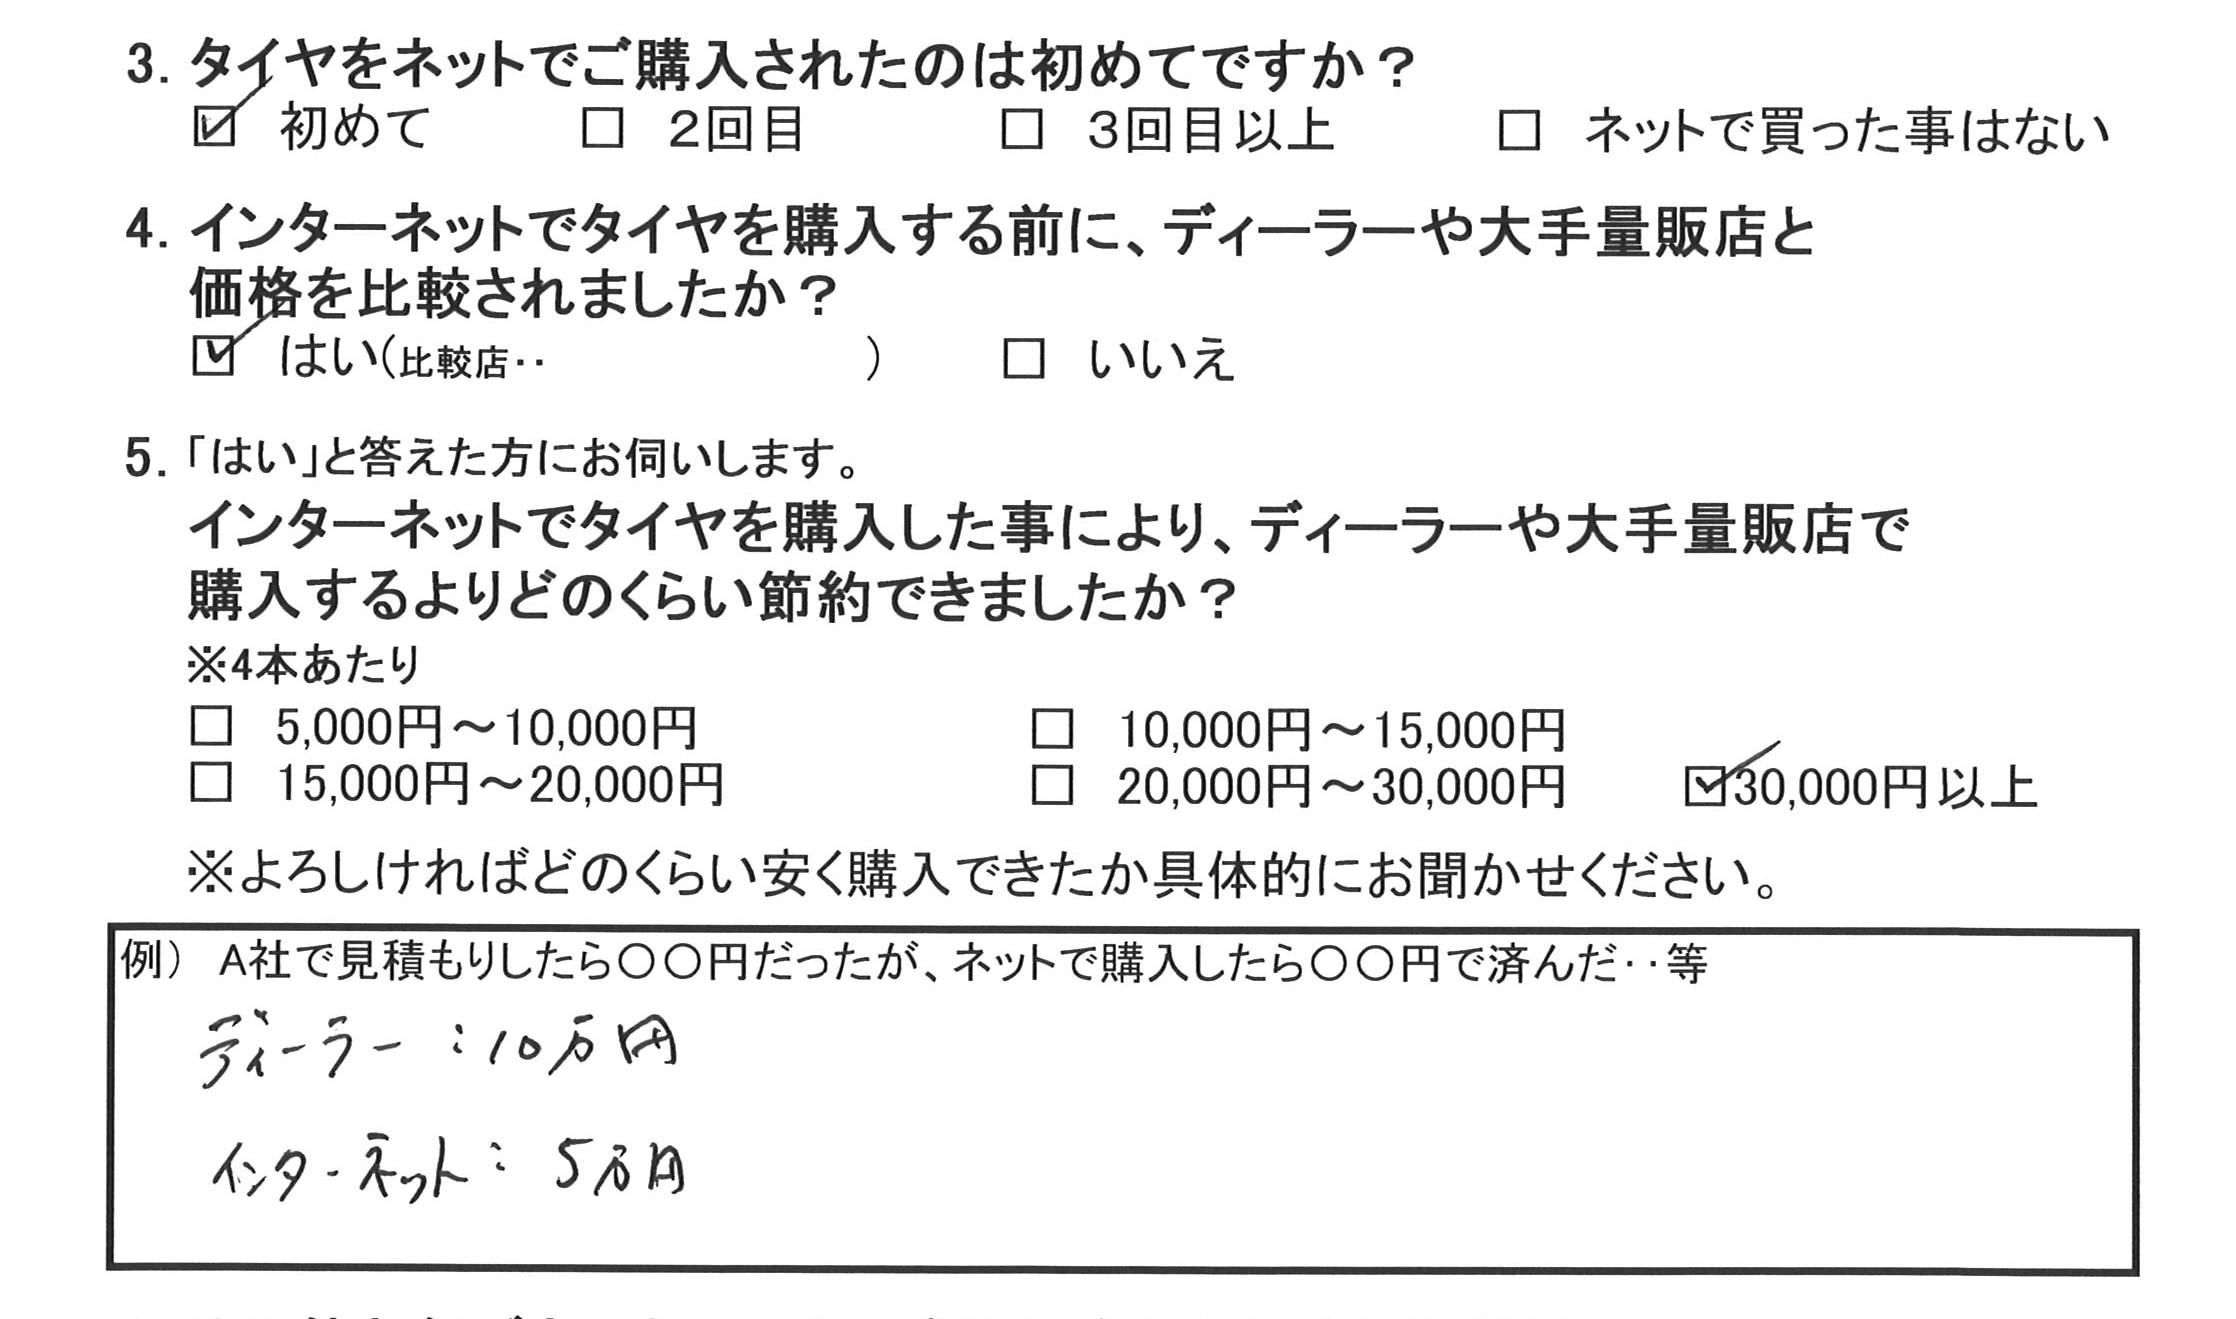 20160429斎藤カズヤ様アンケート